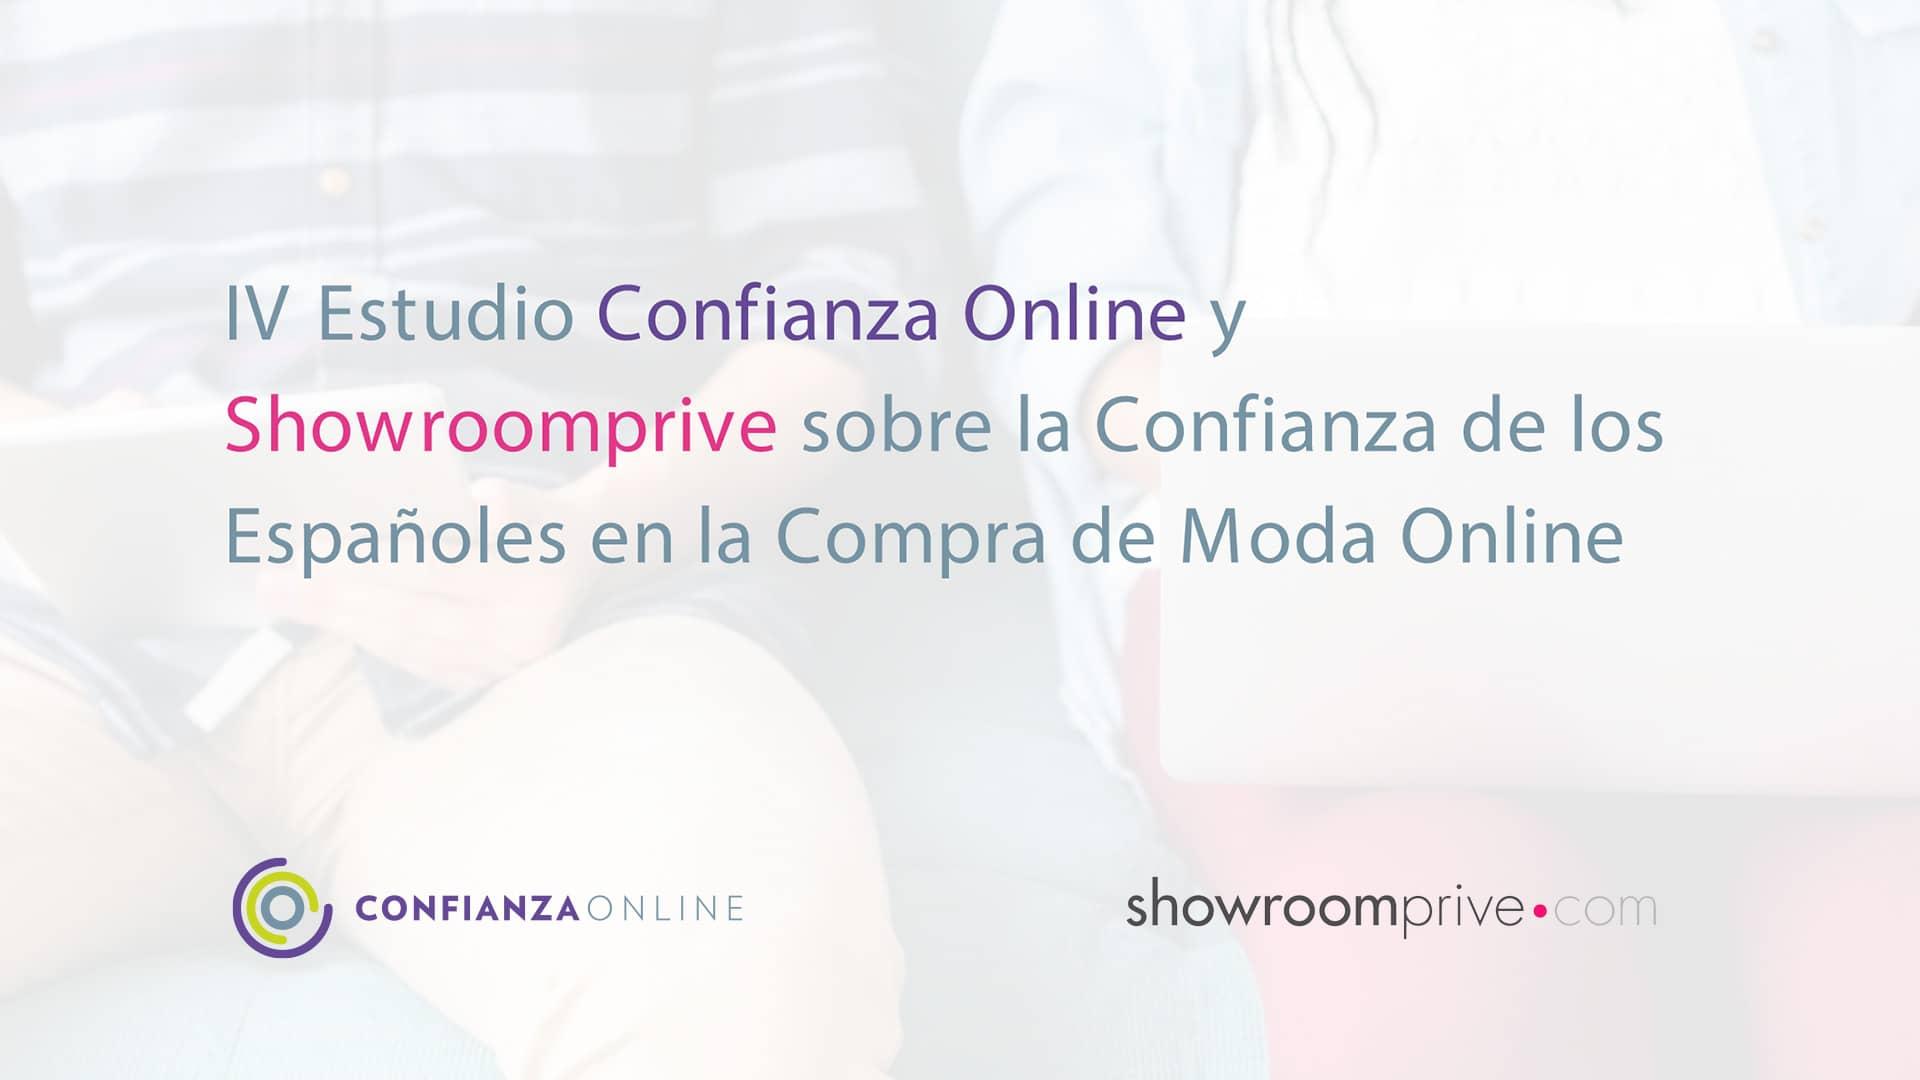 IV Estudio Confianza Online & Showroomprive sobre la Confianza de los Españoles en la Compra de Moda Online